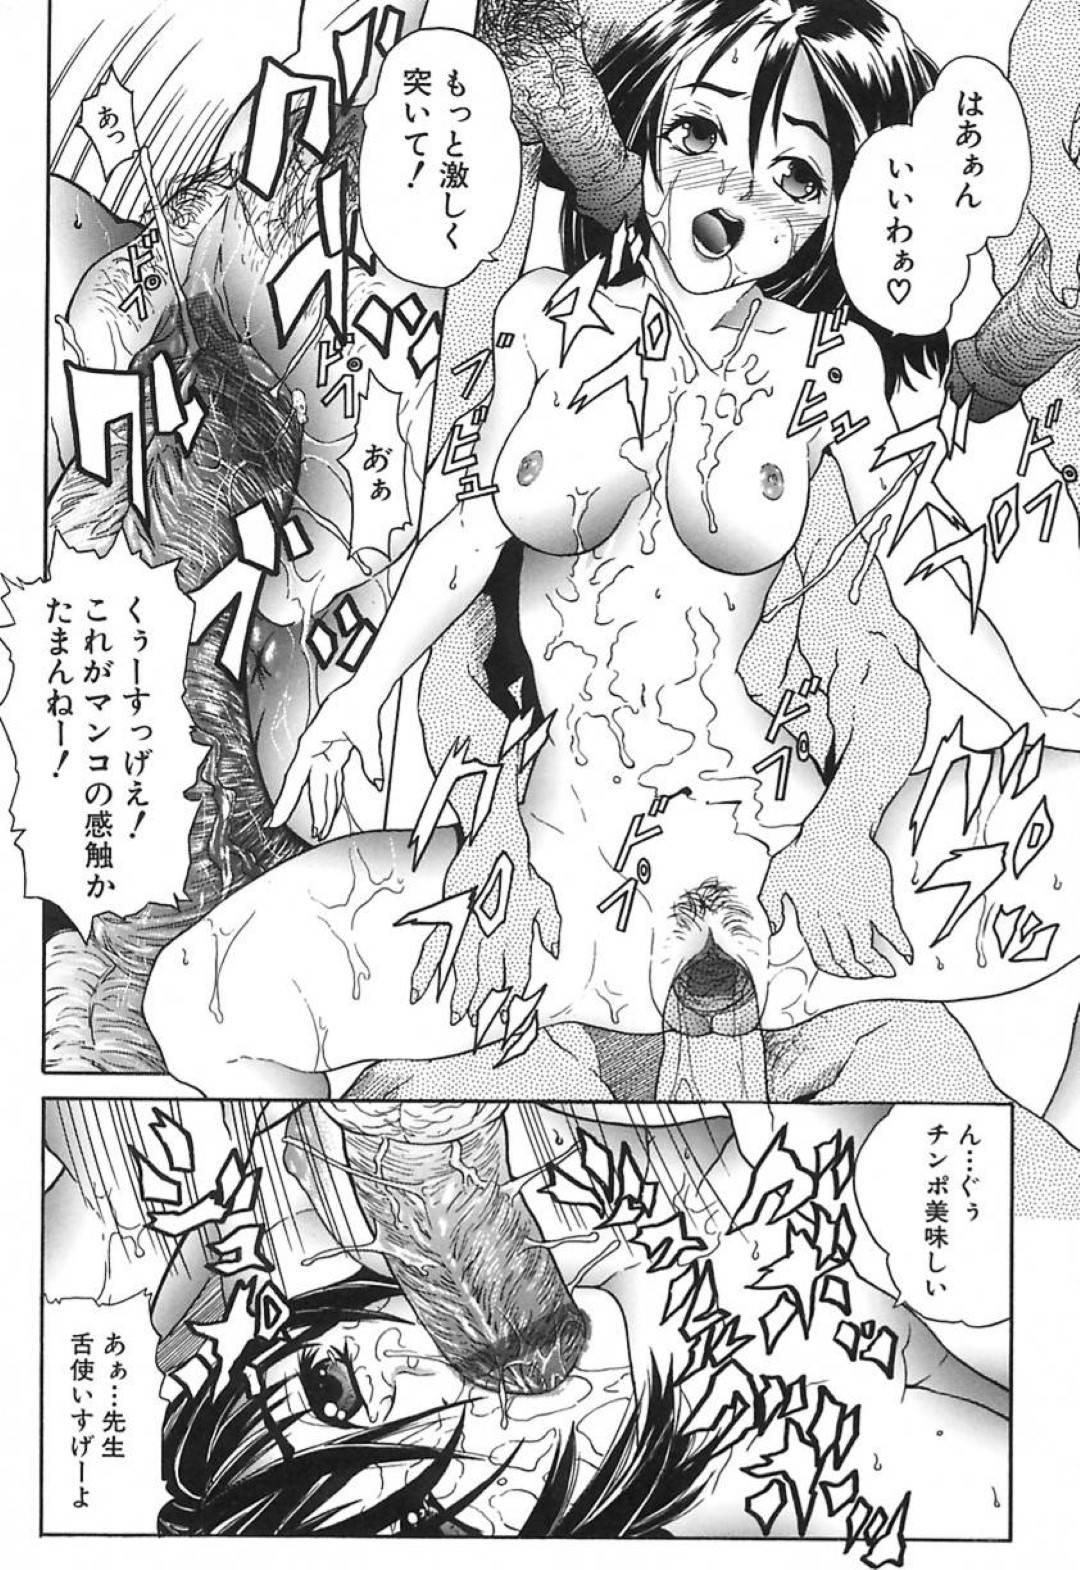 【エロ漫画】教え子たちと乱交セックスしまくるムチムチ女教師…彼女はトイレで次々とフェラ抜きしたり、膣やアナルにチンポを生挿入させまくる!